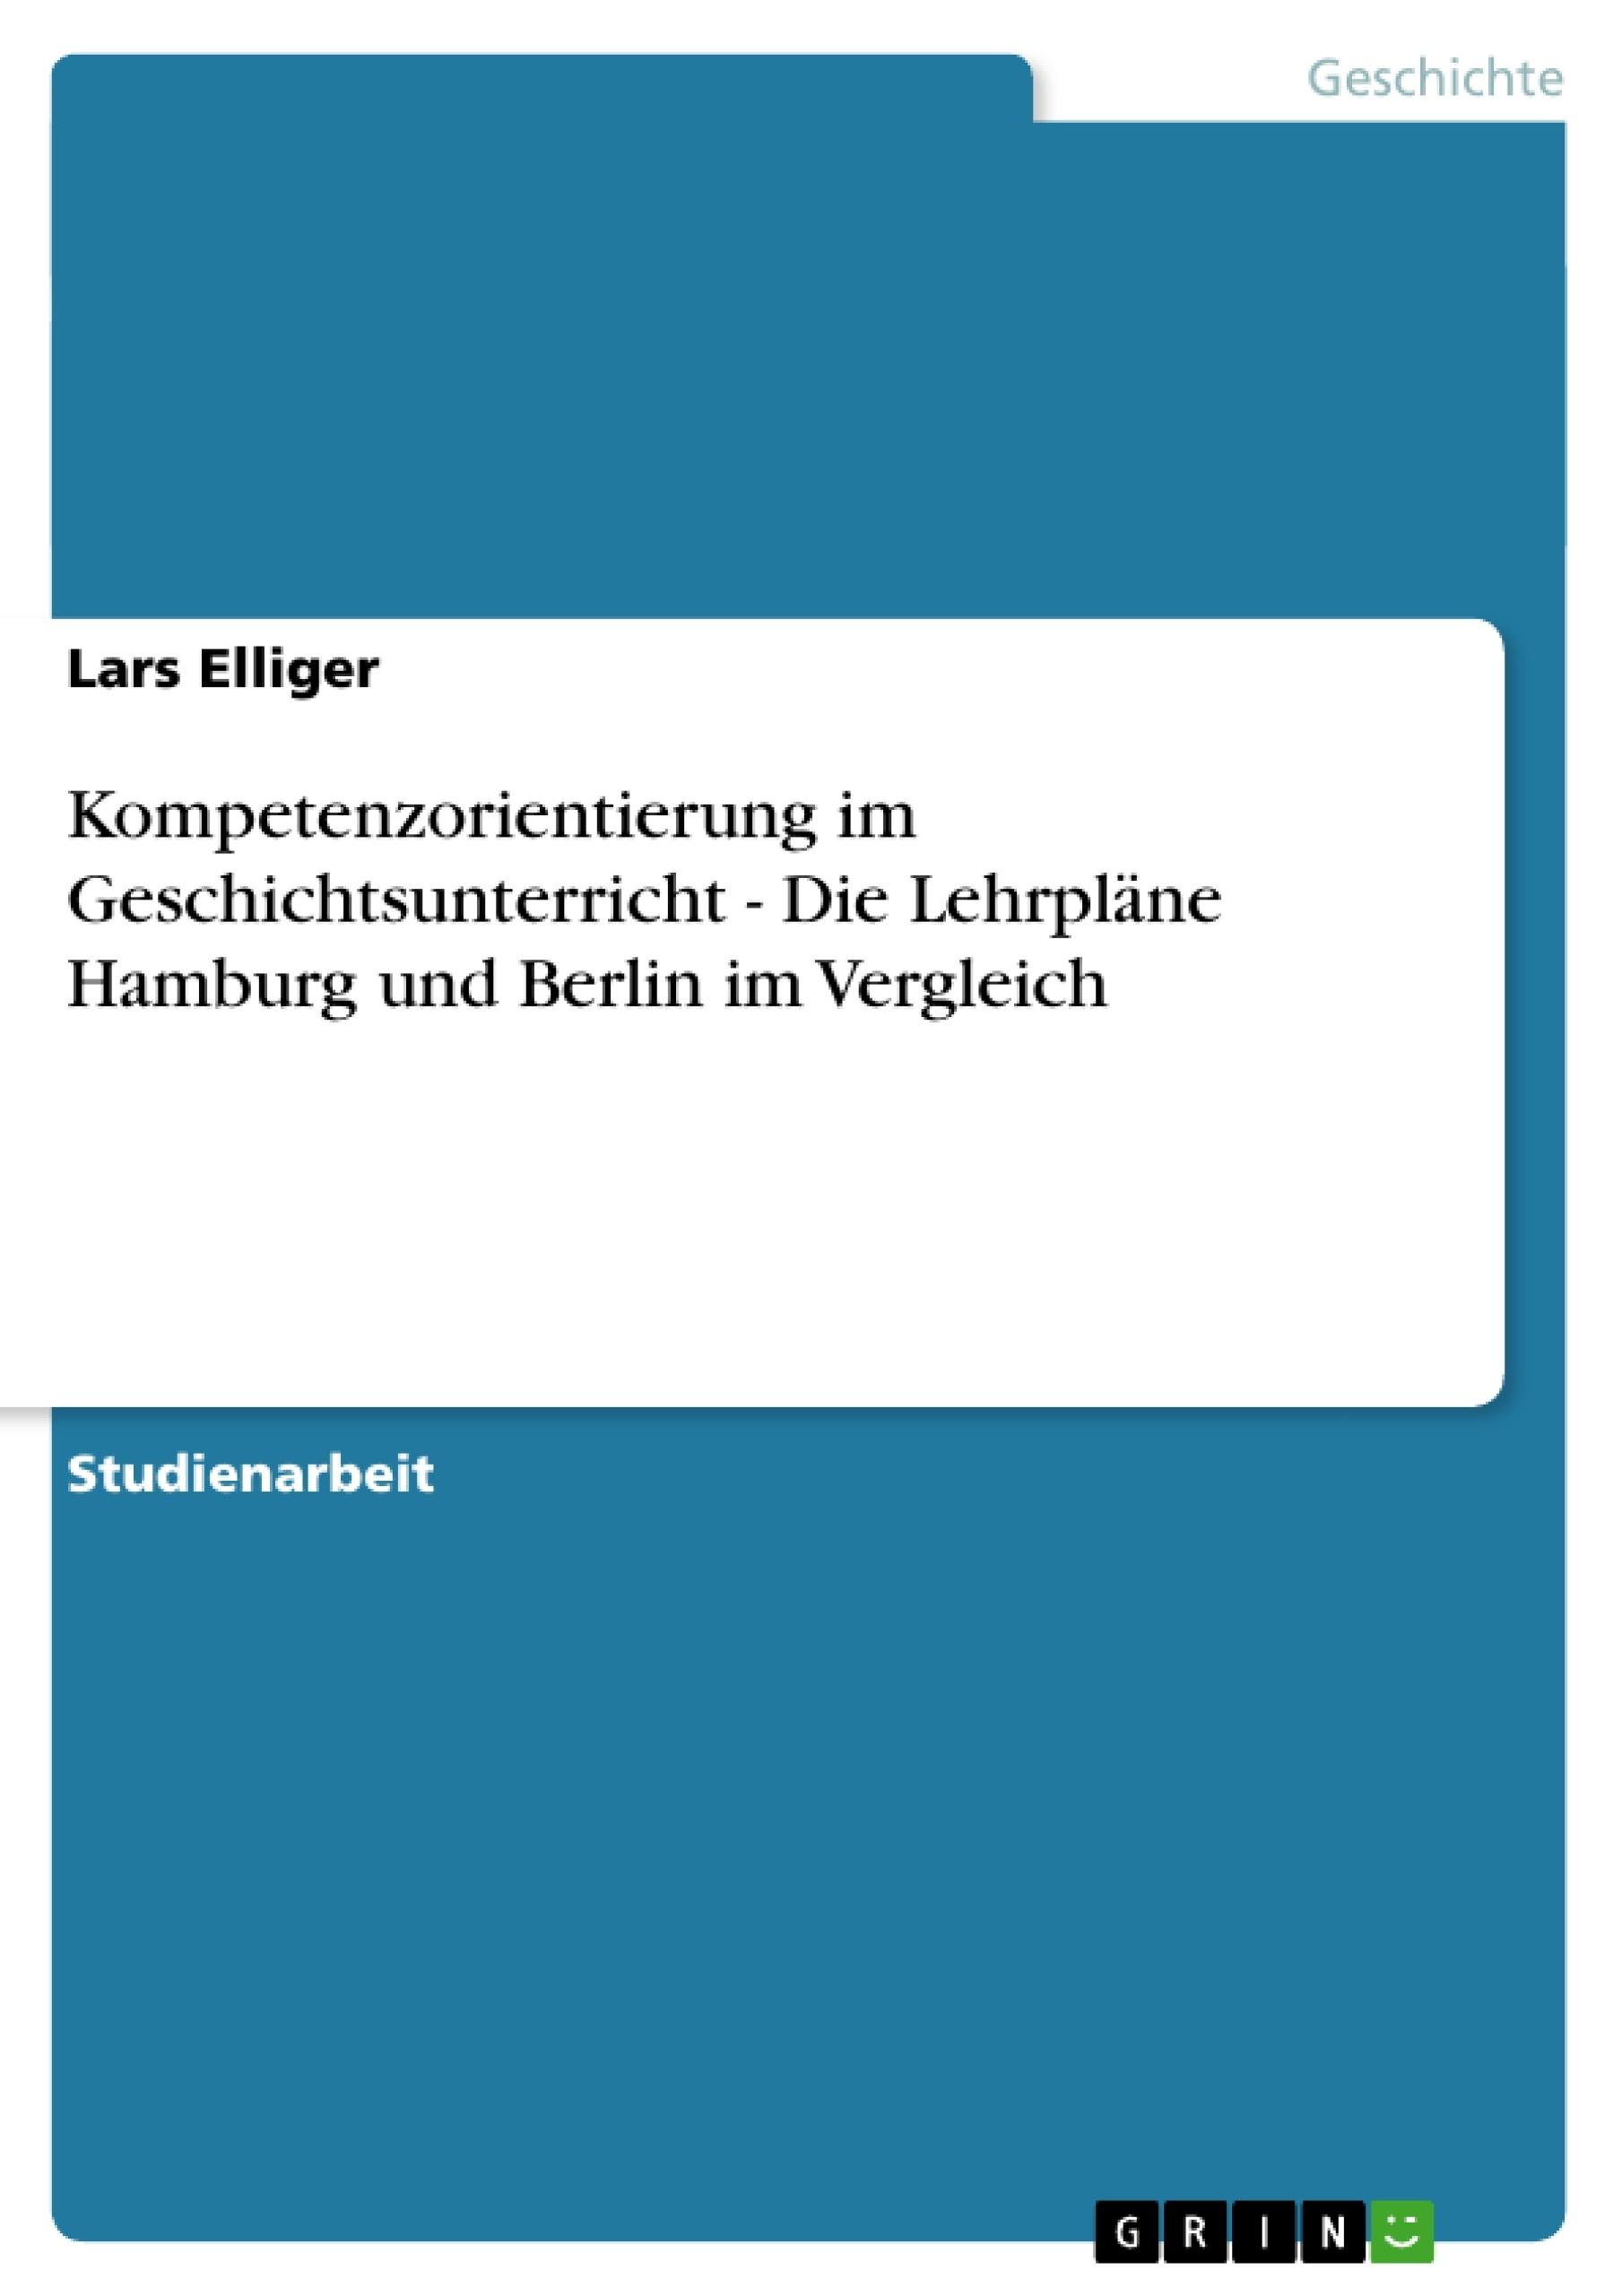 Titel: Kompetenzorientierung im Geschichtsunterricht - Die Lehrpläne Hamburg und Berlin im Vergleich